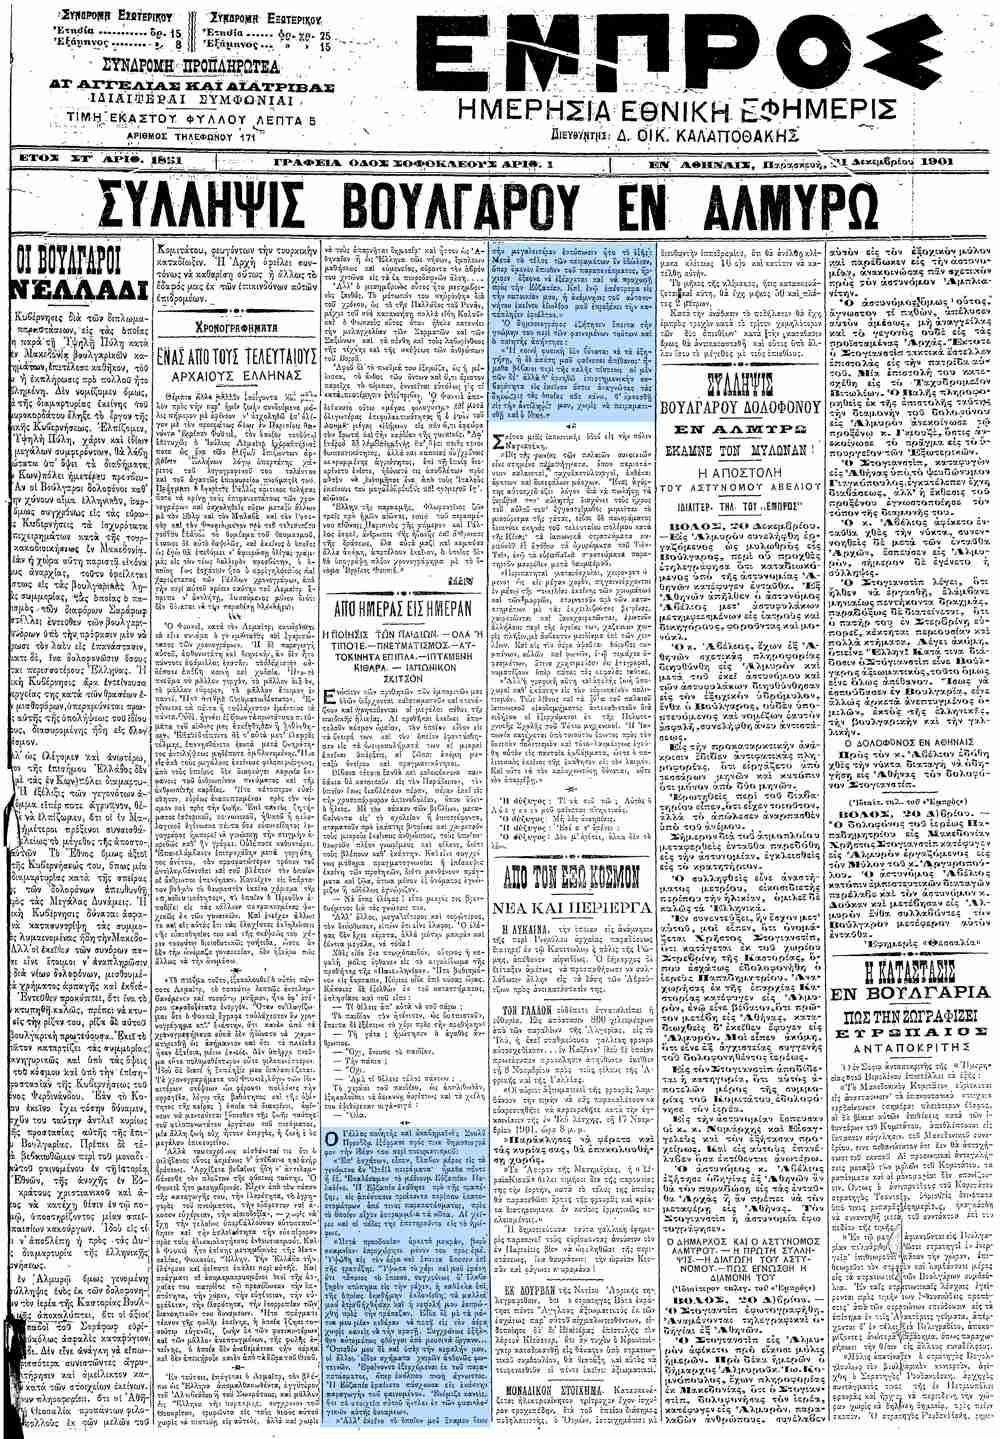 """Το άρθρο, όπως δημοσιεύθηκε στην εφημερίδα """"ΕΜΠΡΟΣ"""", στις 21/12/1901"""